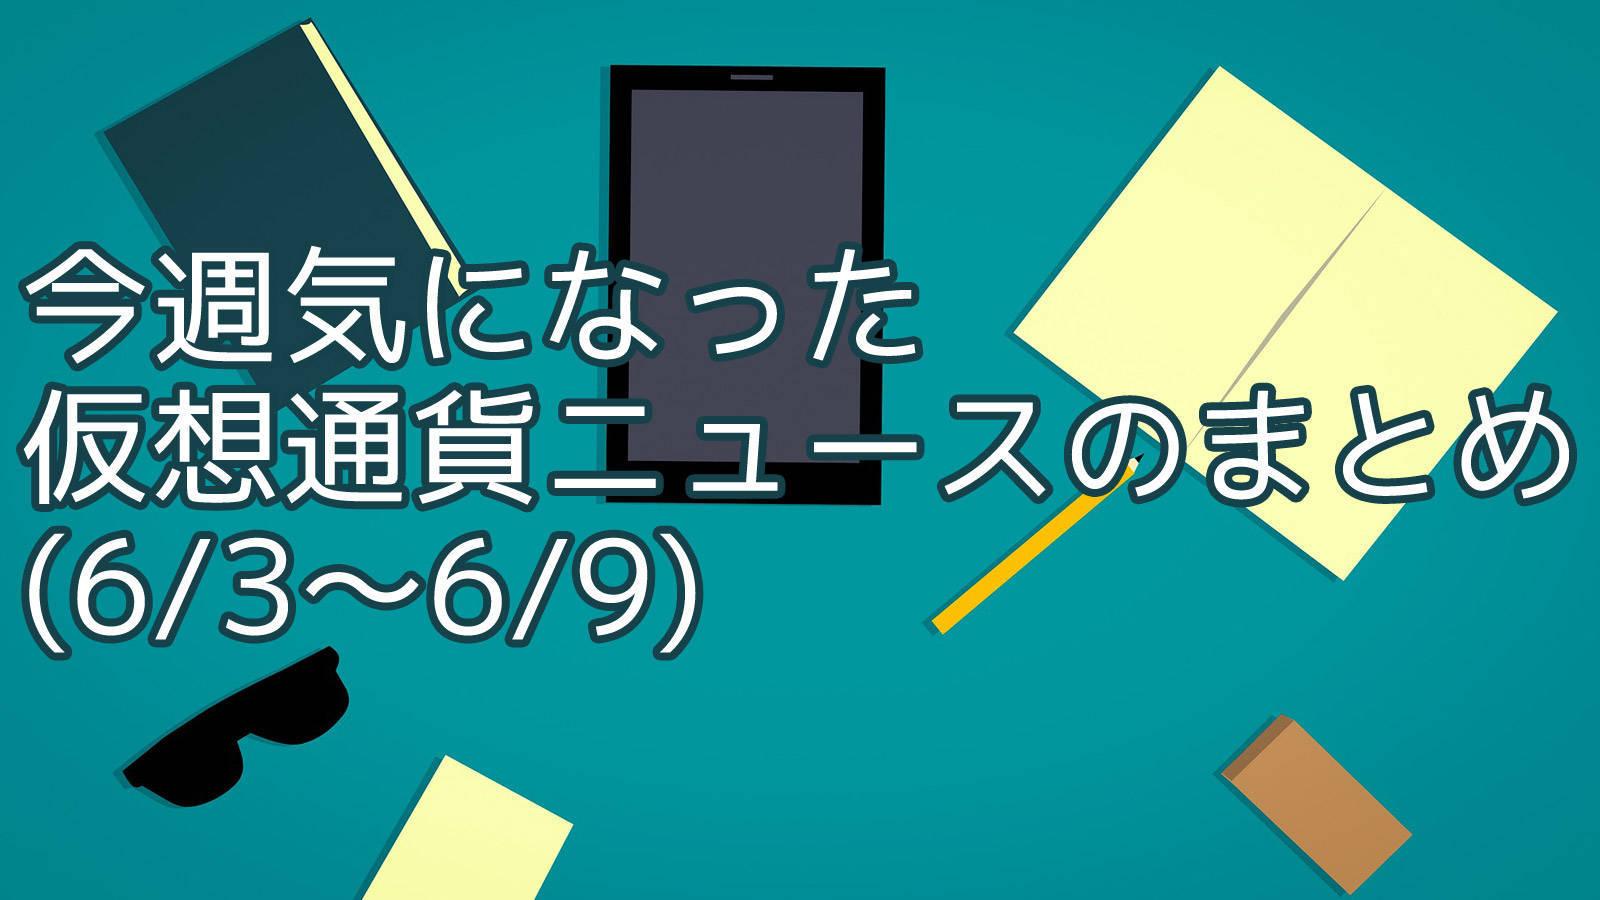 今週気になった仮想通貨ニュースのまとめ (6/3〜6/9)